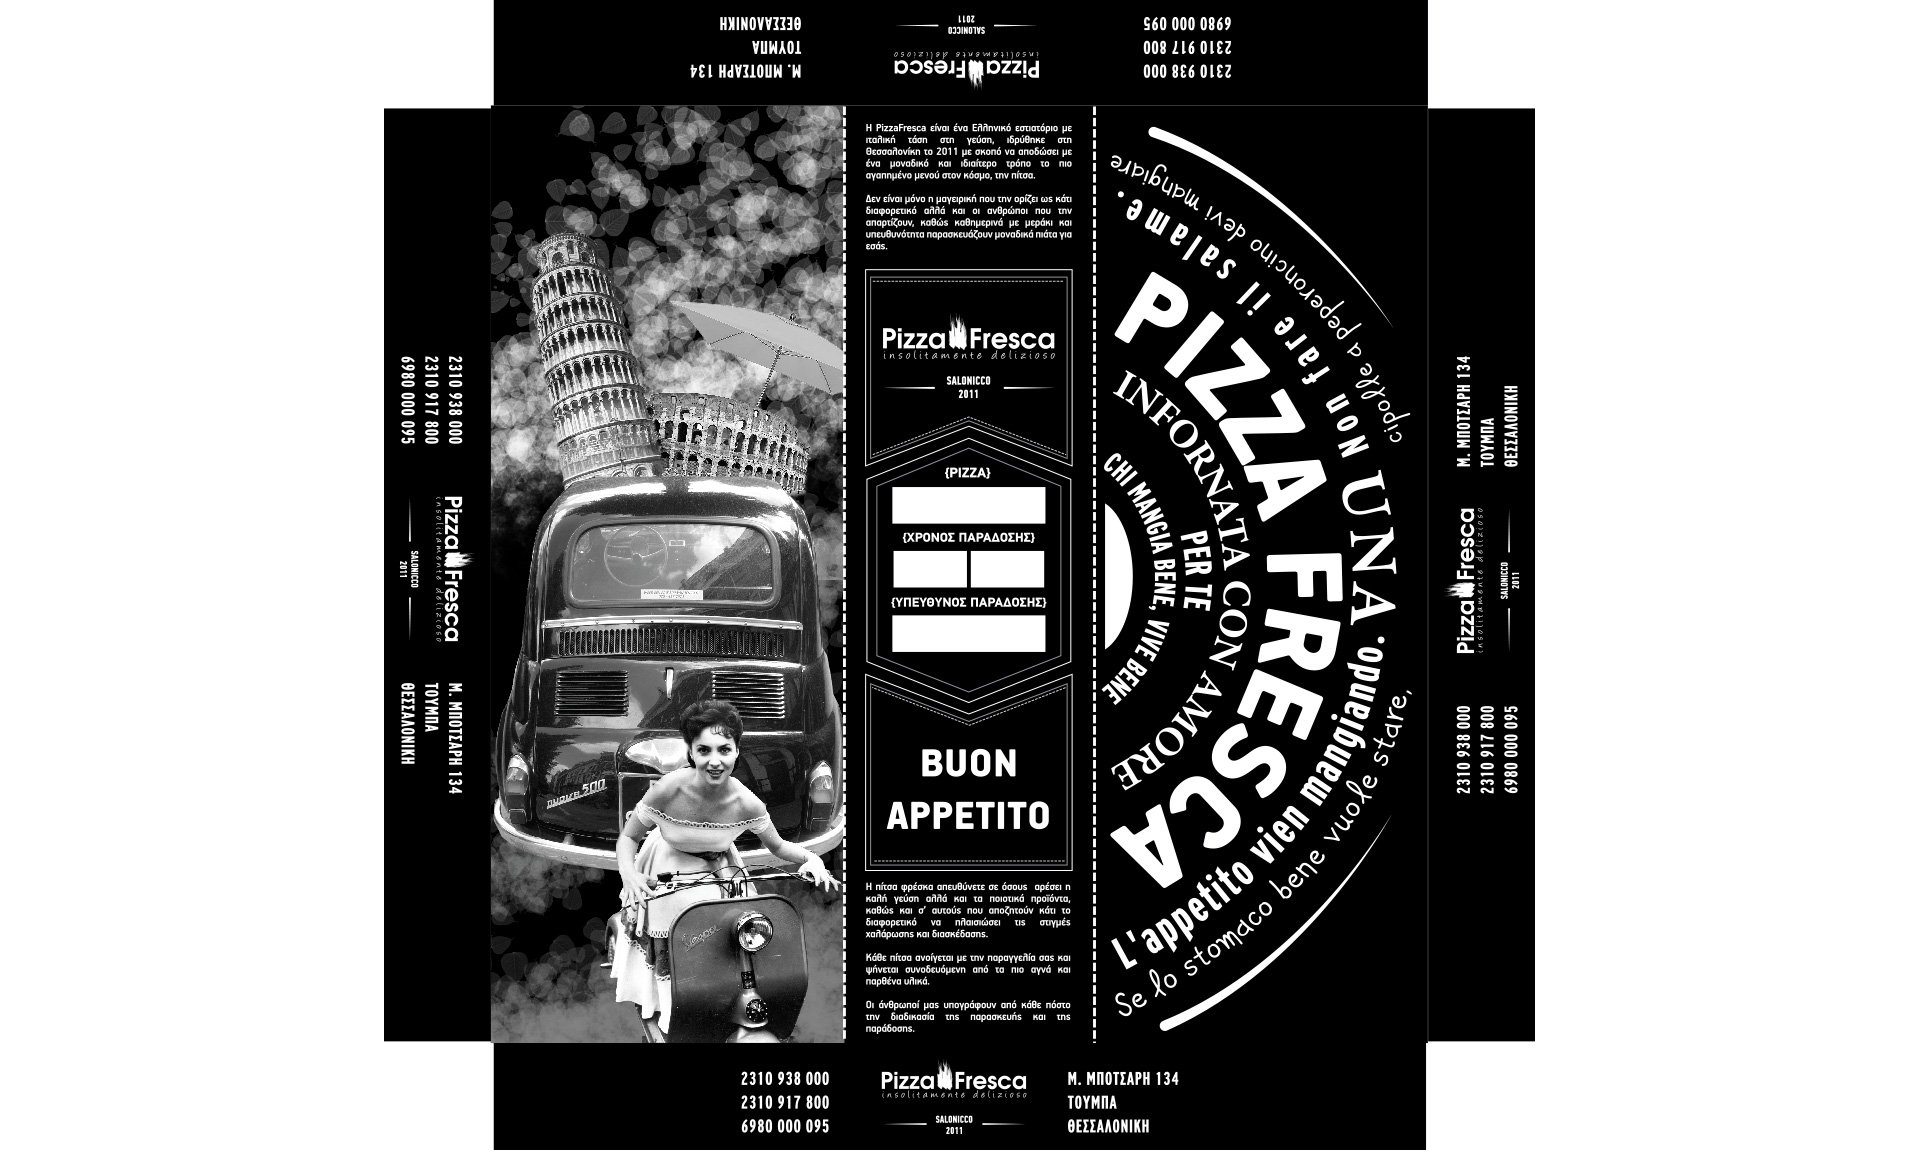 Pizza Fresca - Delivery Box